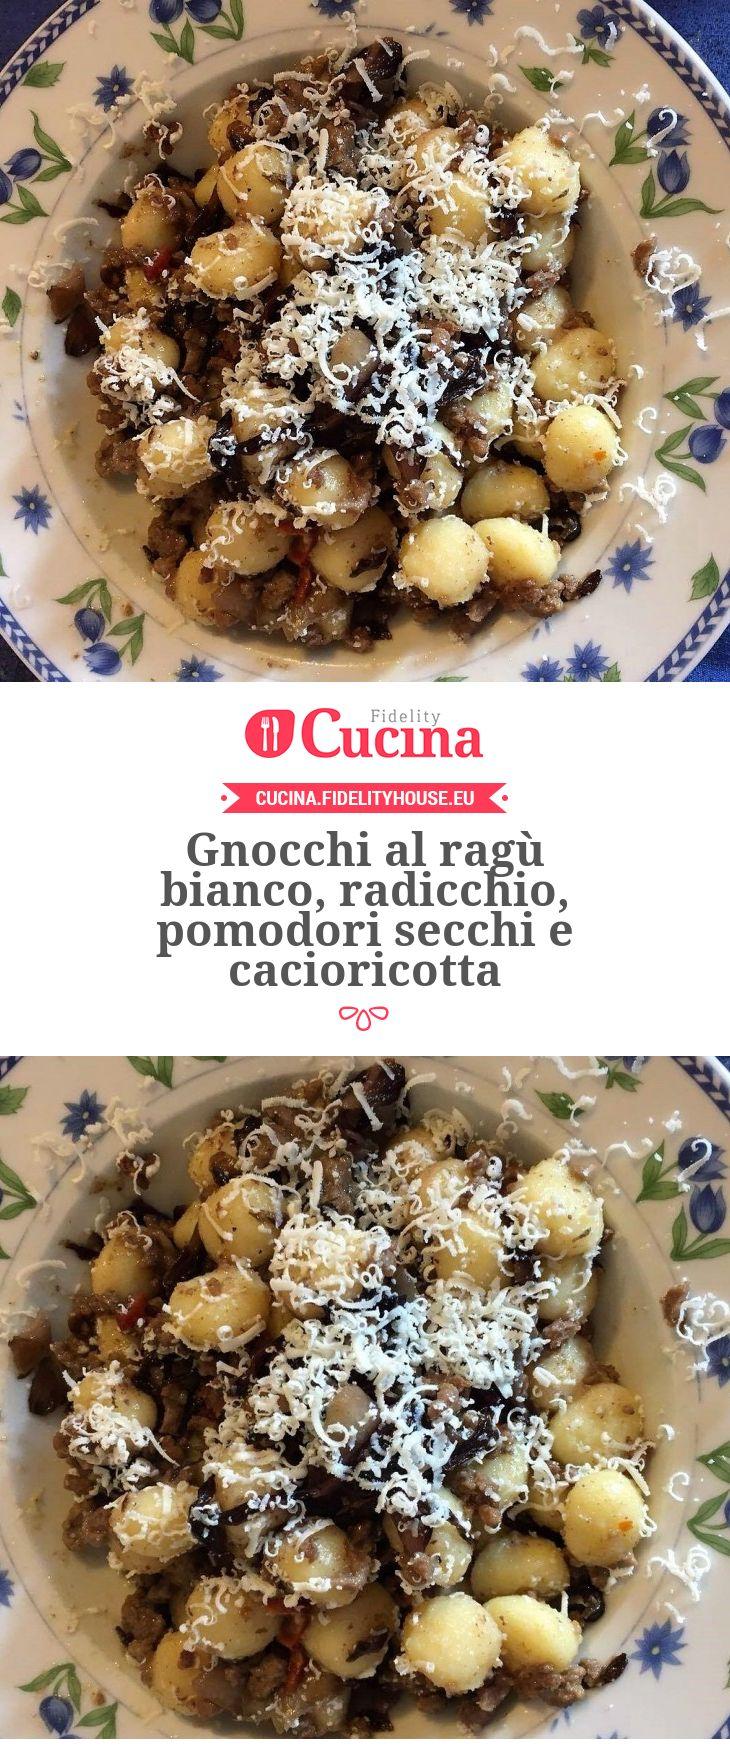 Gnocchi al ragù bianco, radicchio, pomodori secchi e cacioricotta della nostra utente Francesca. Unisciti alla nostra Community ed invia le tue ricette!